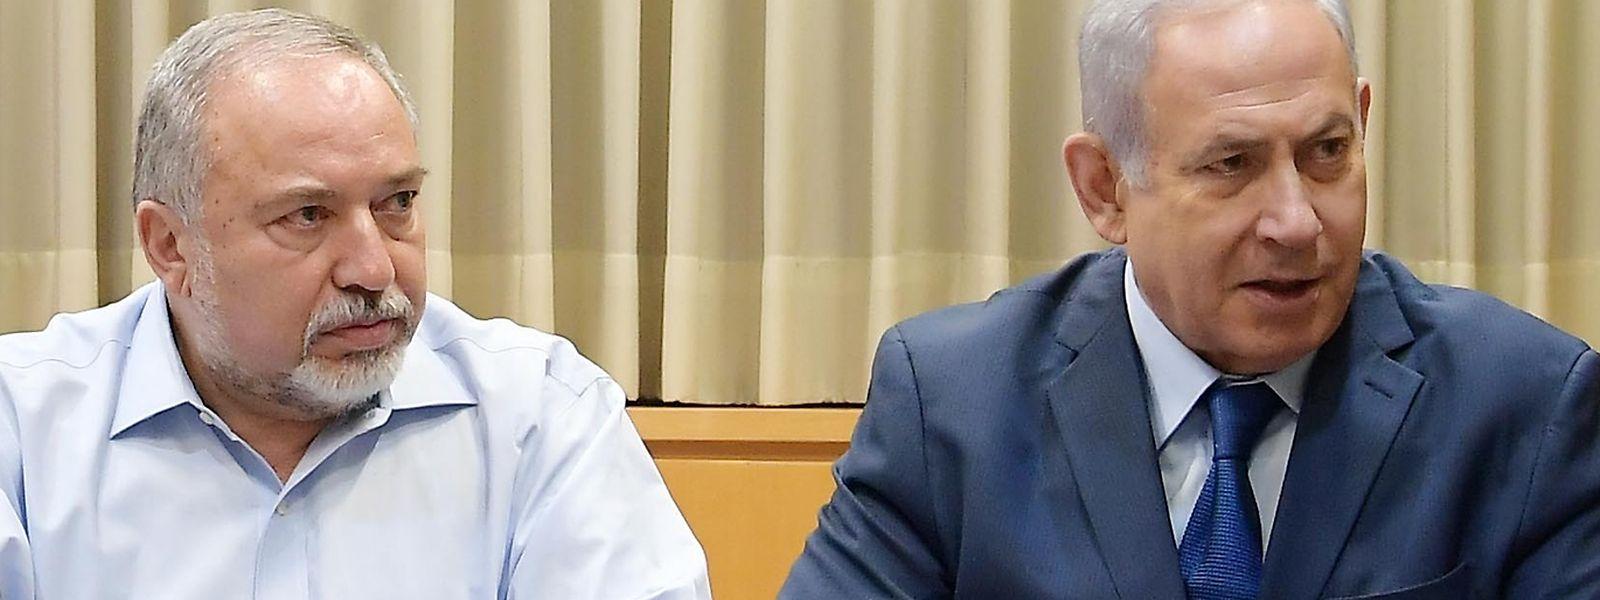 Benjamin Netanjahu (r) und Verteidigungsminister Avigdor Lieberman bei einem Treffen am Montag mit Vertretern der israelischen Streitkräfte.